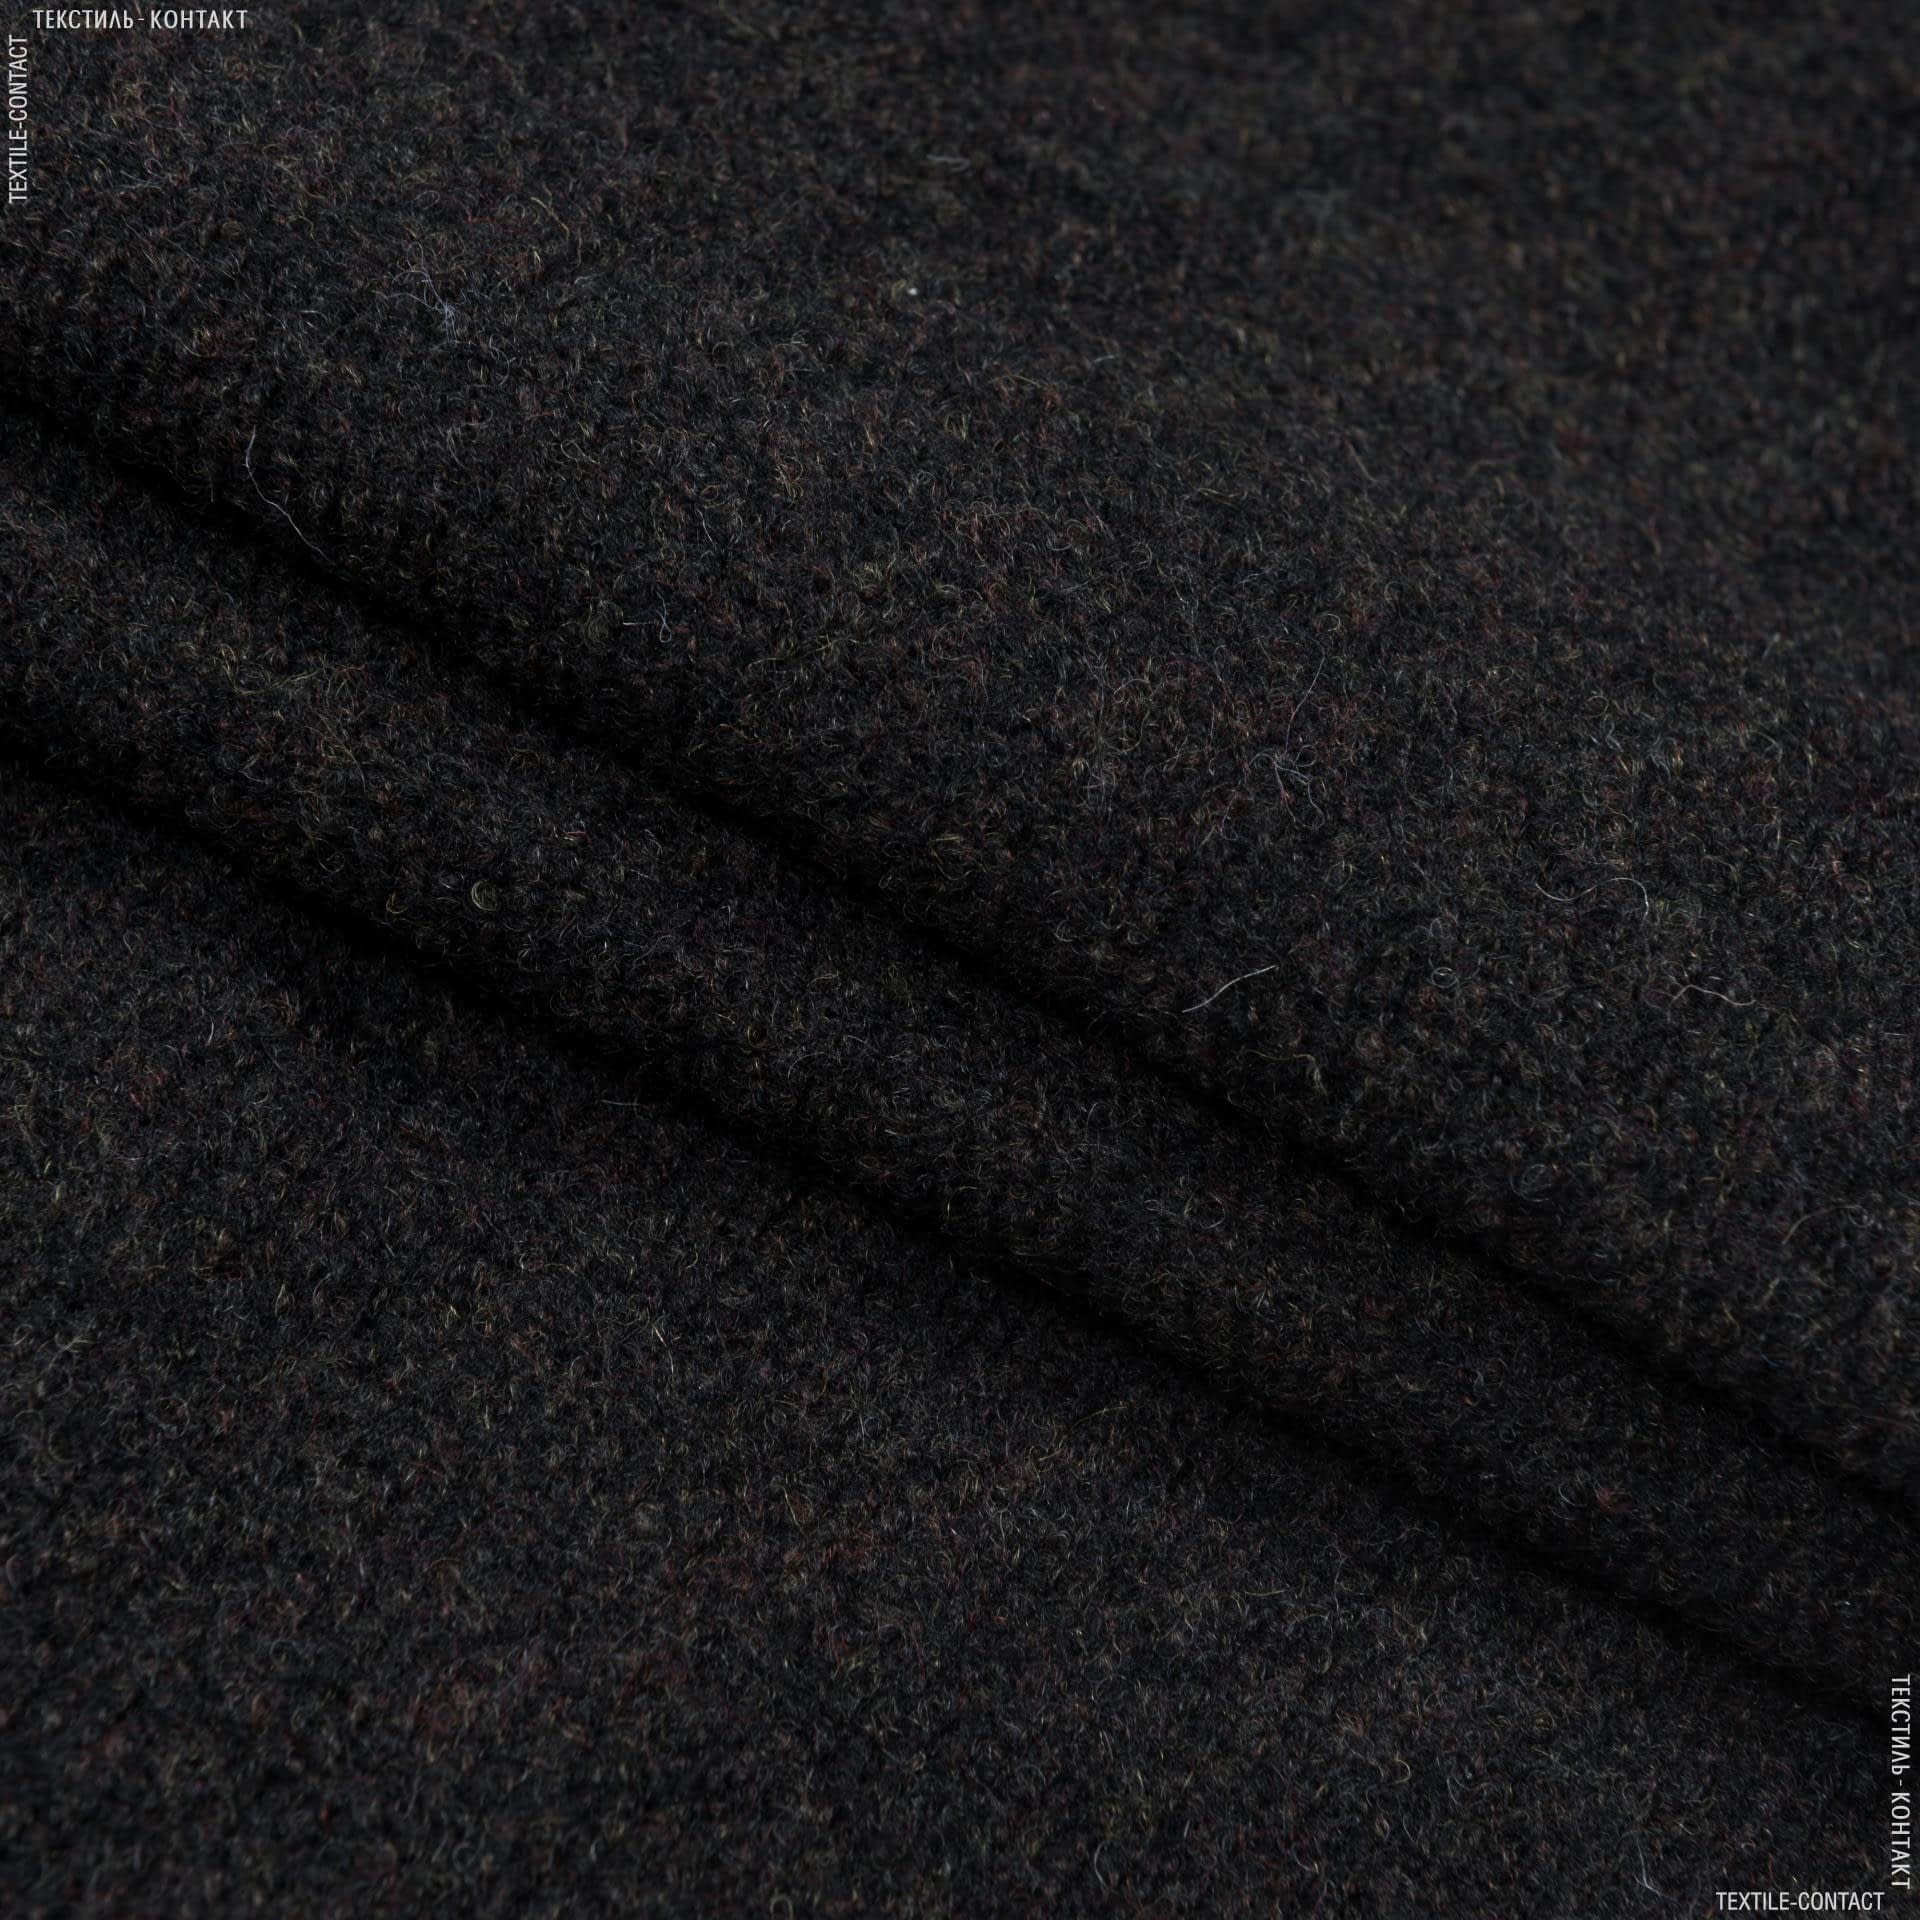 Тканини для верхнього одягу - Пальтовий ратин темно-зелений